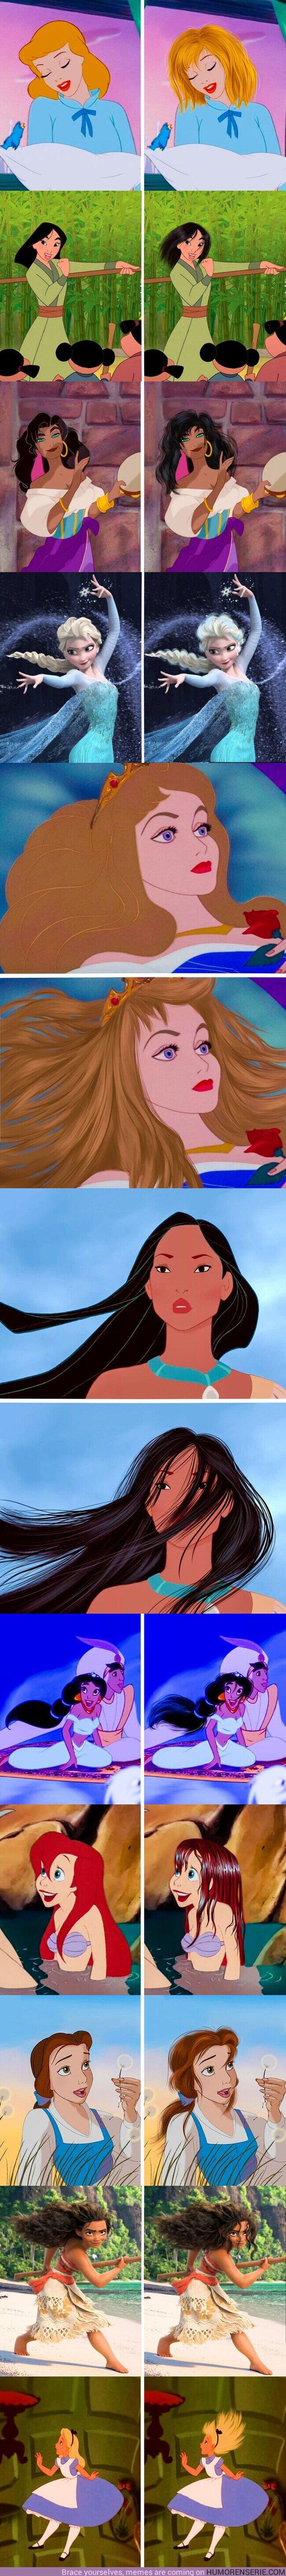 65012 - GALERÍA: Cómo se verían las chicas de Disney si su cabello fuera real